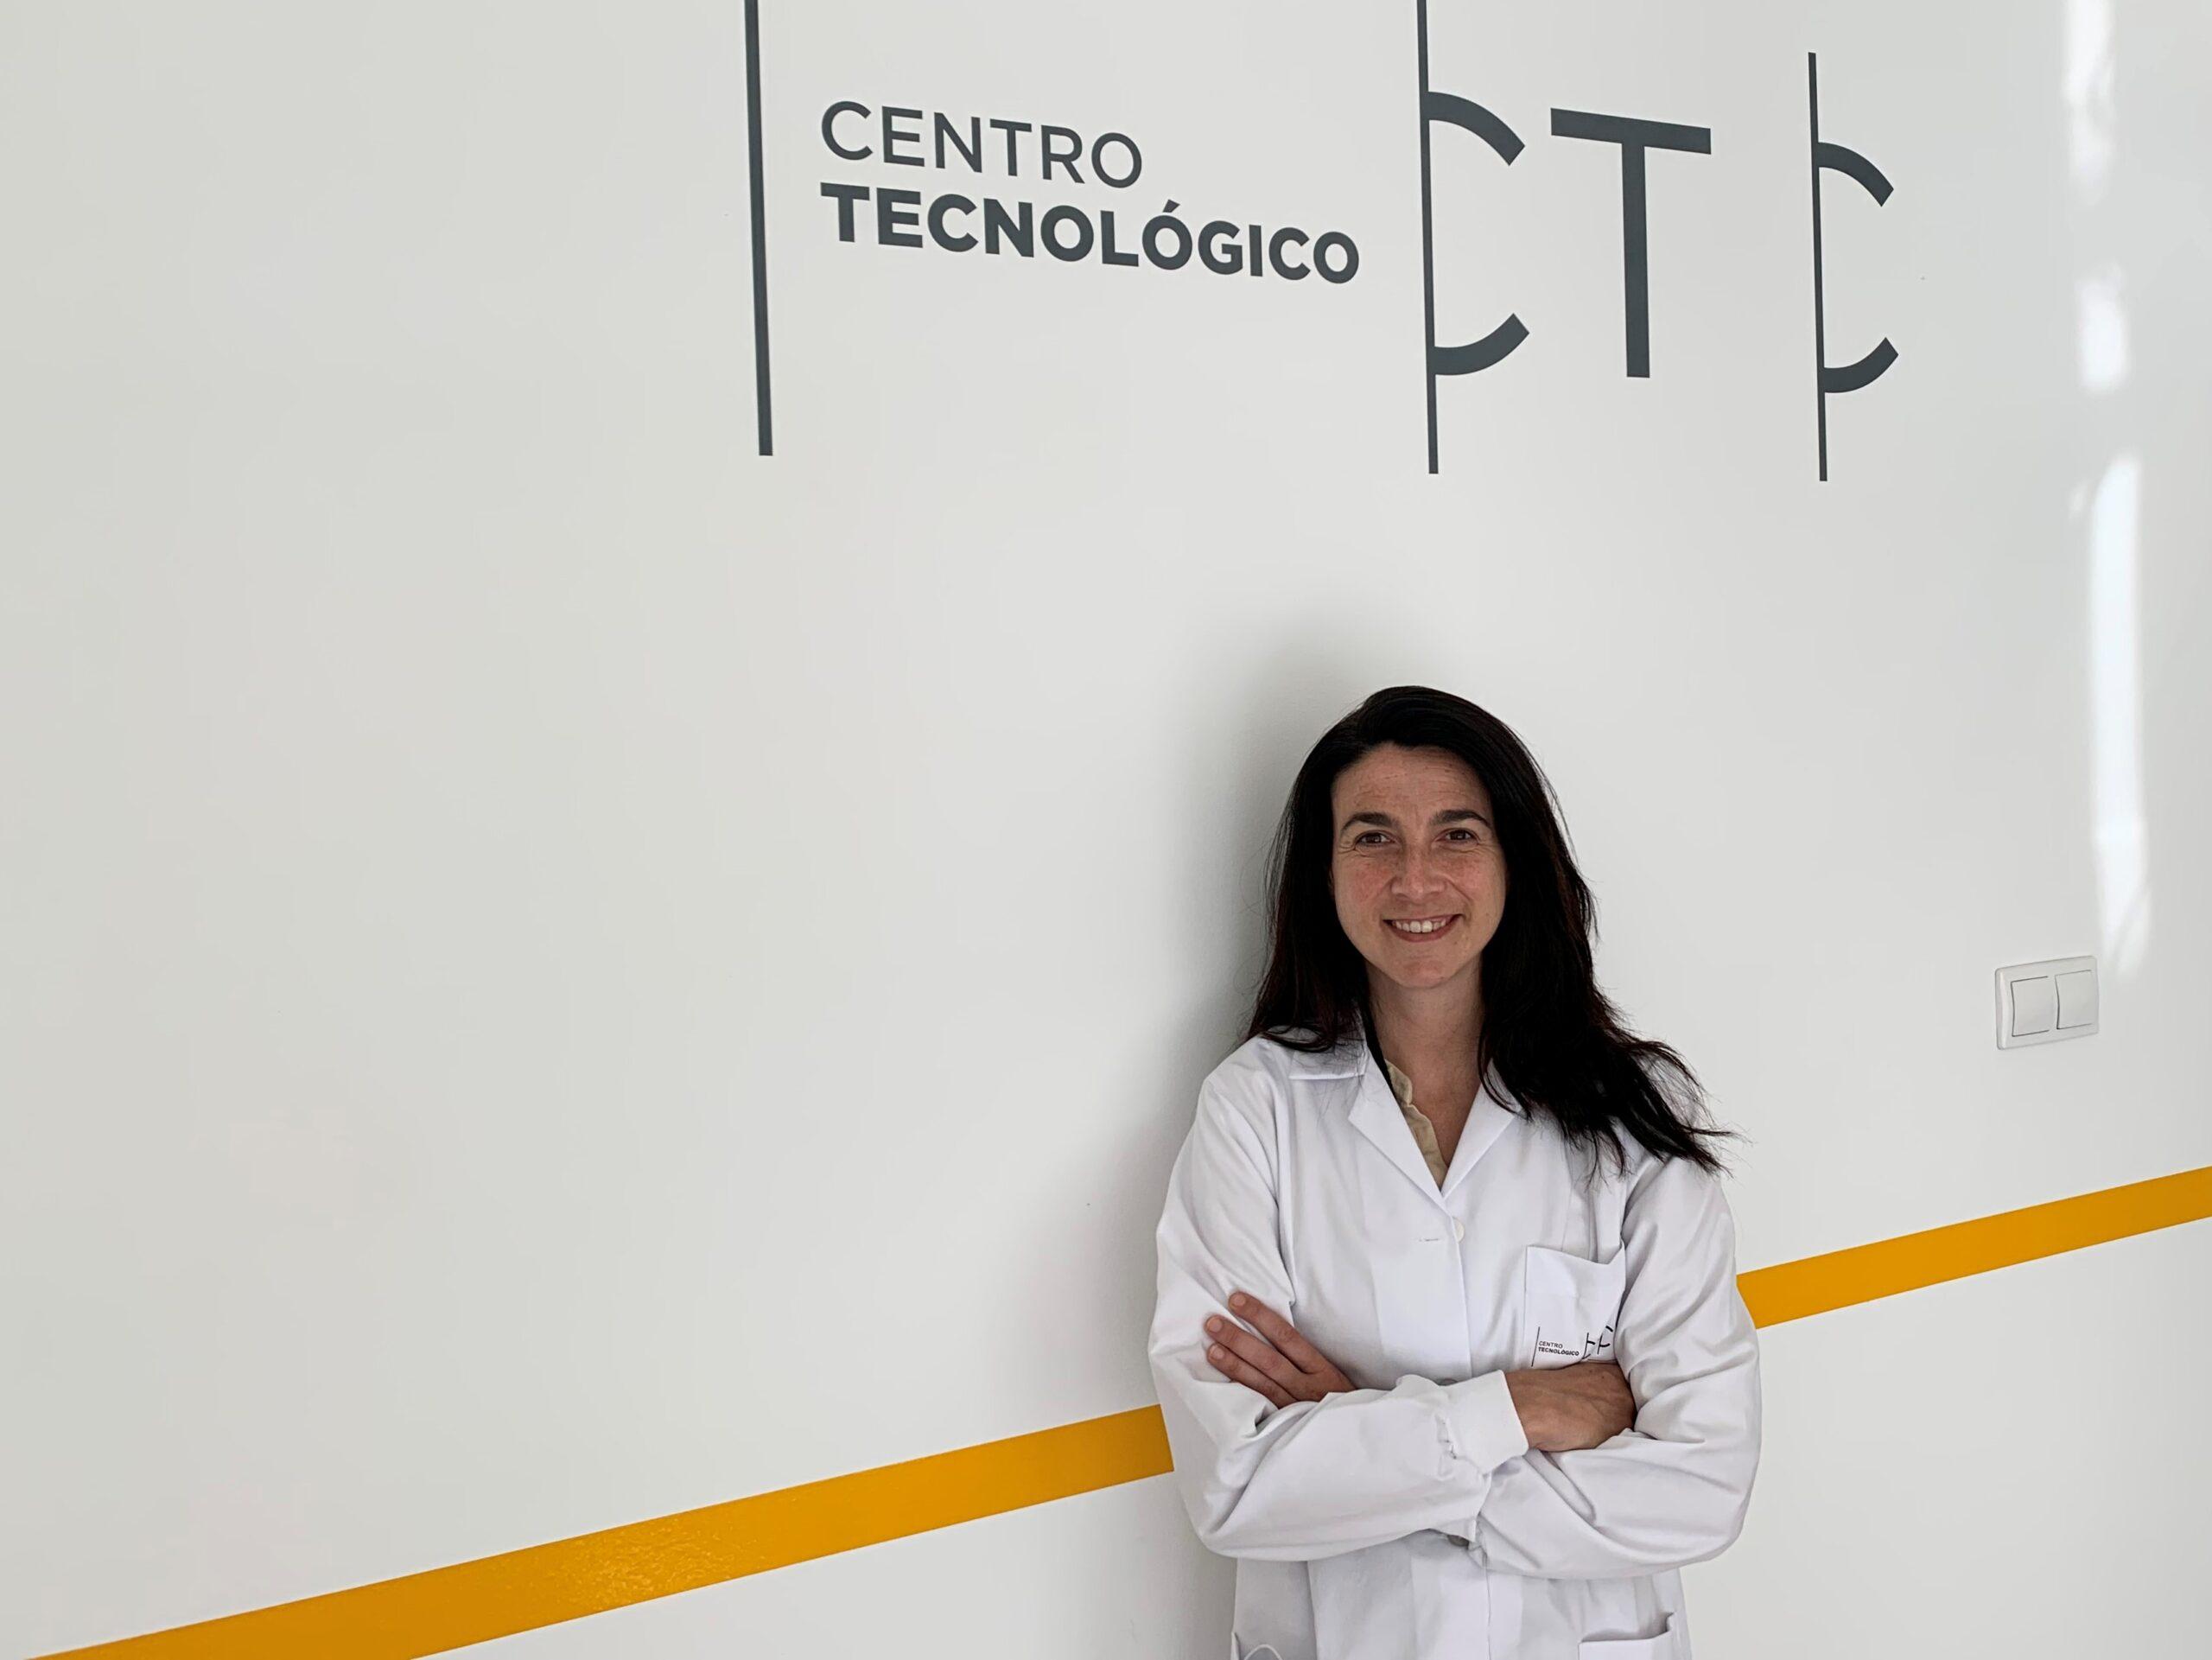 Lucía Pérez Gandarillas